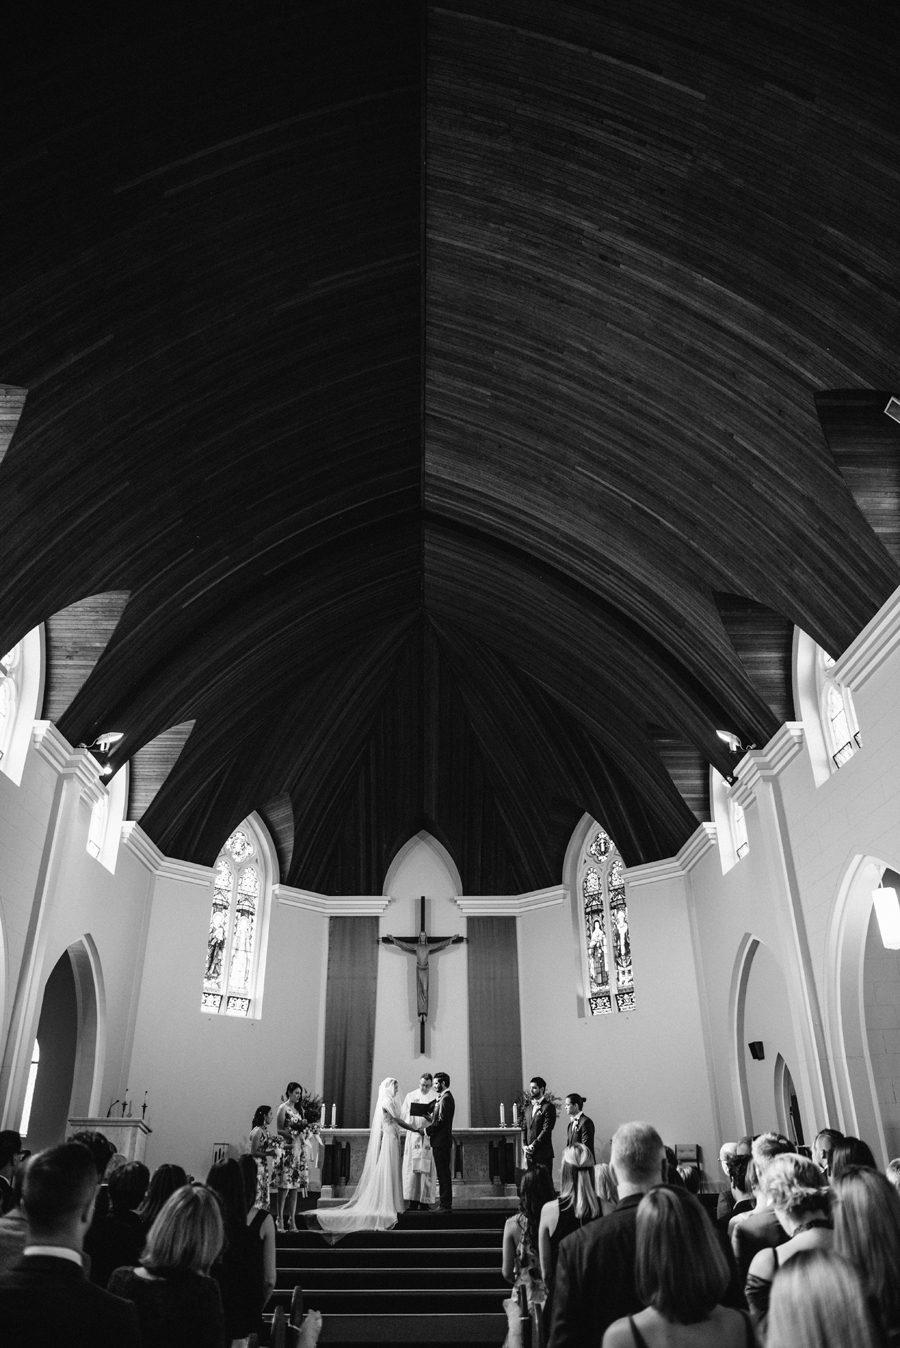 012-ukiweddingphotography